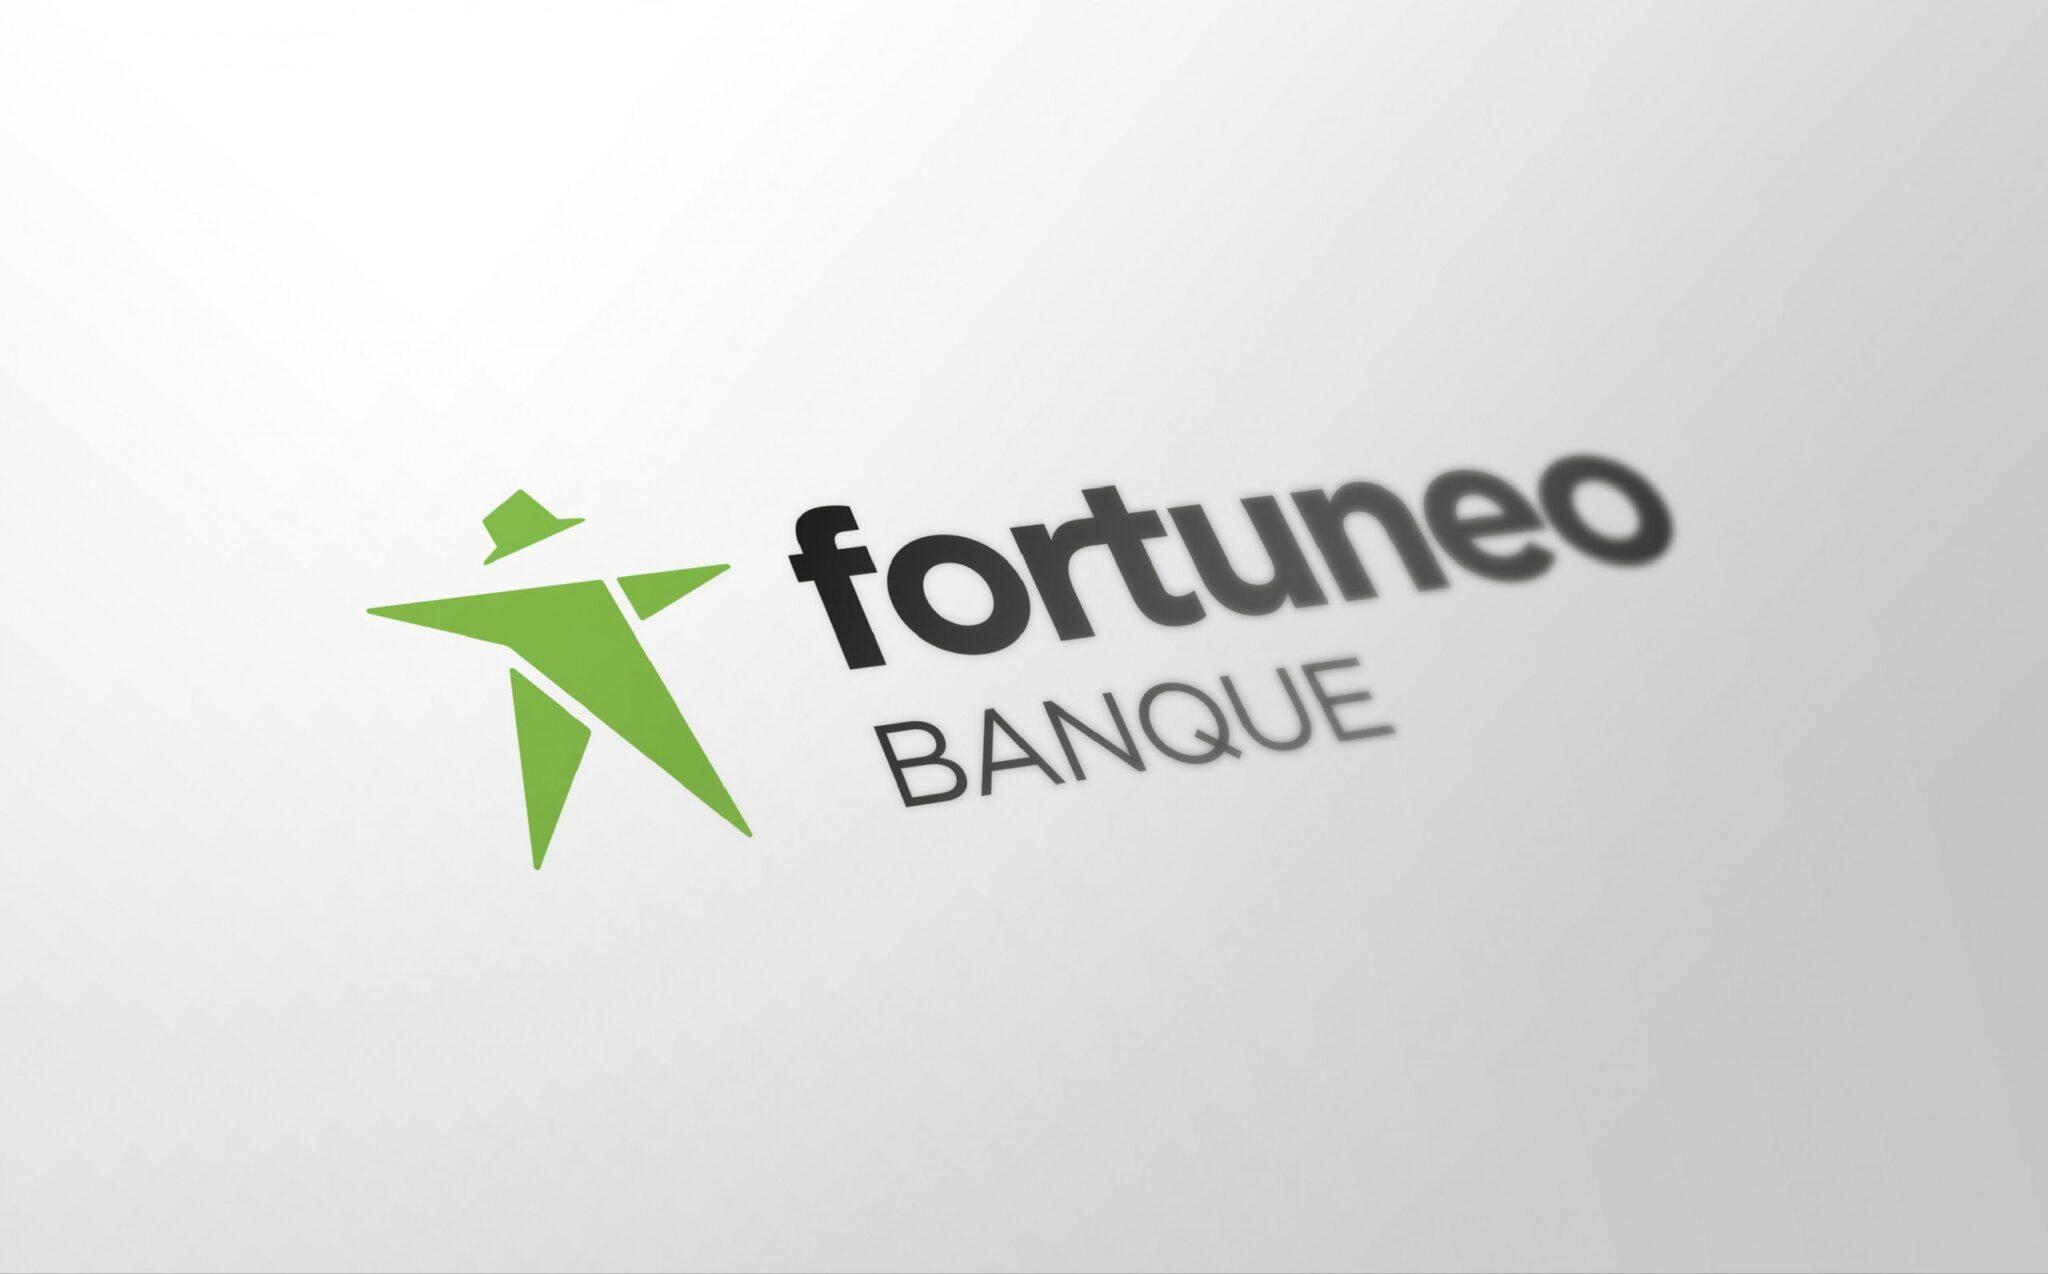 Le logo de Fortuneo Banque